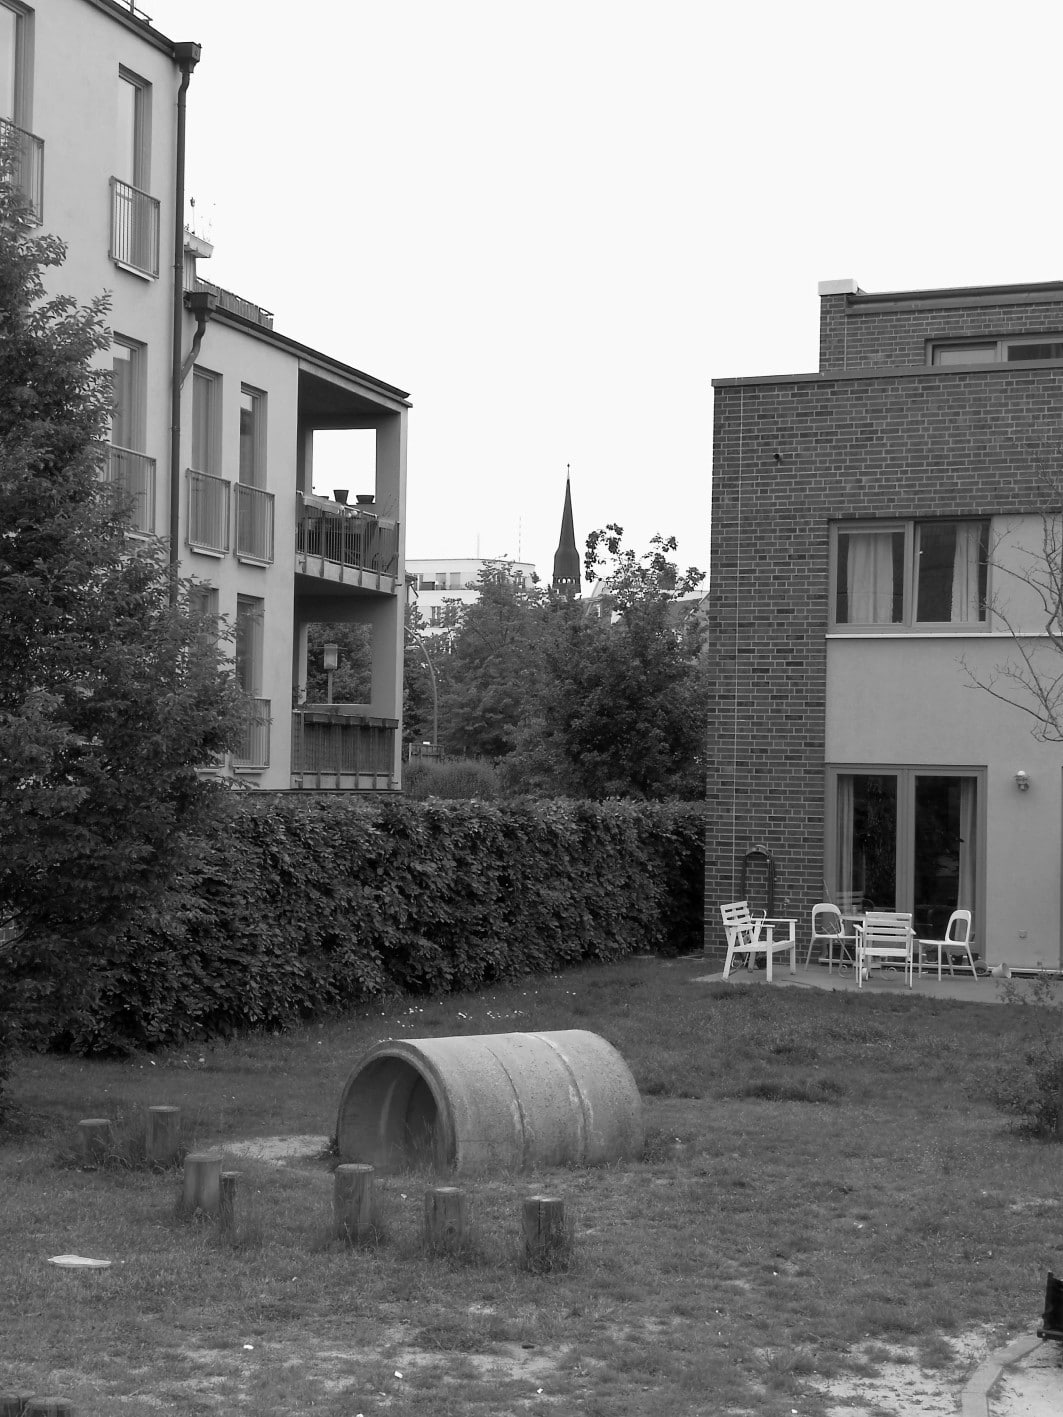 Reihenhäuser in der Innenstadt_Friedrichshain